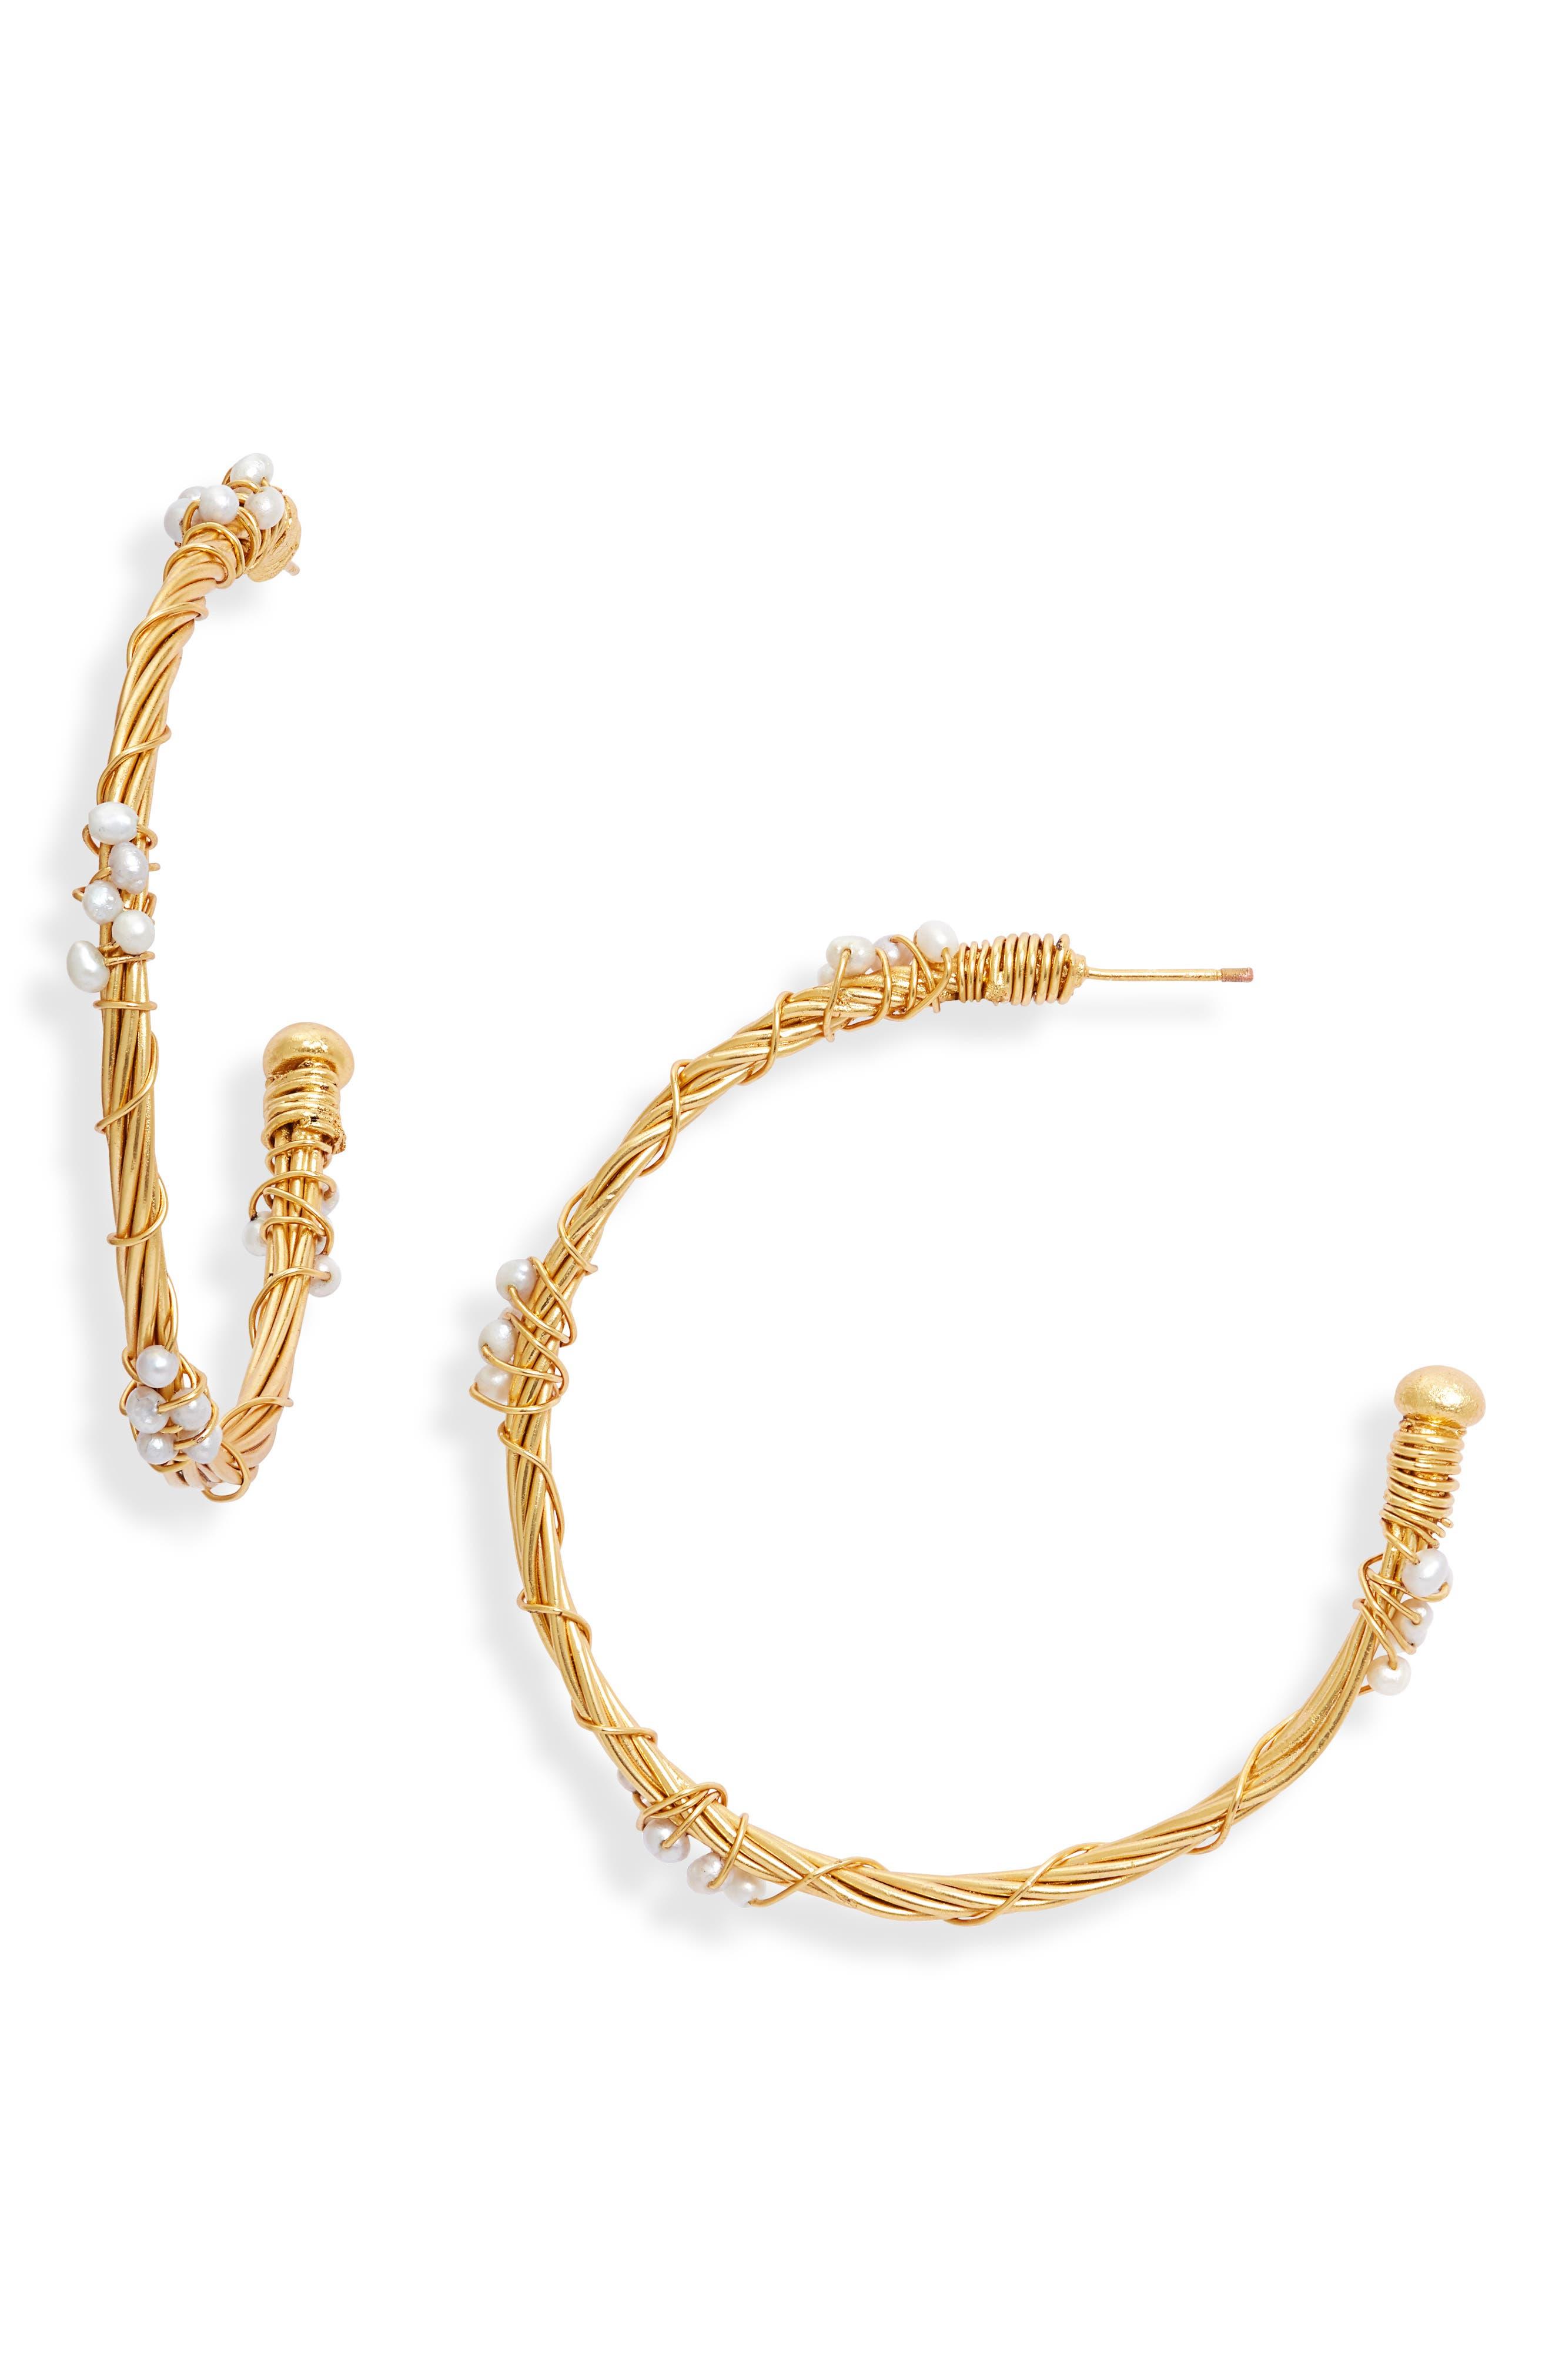 Caribe Trenza Perla Freshwater Pearl Hoop Earrings